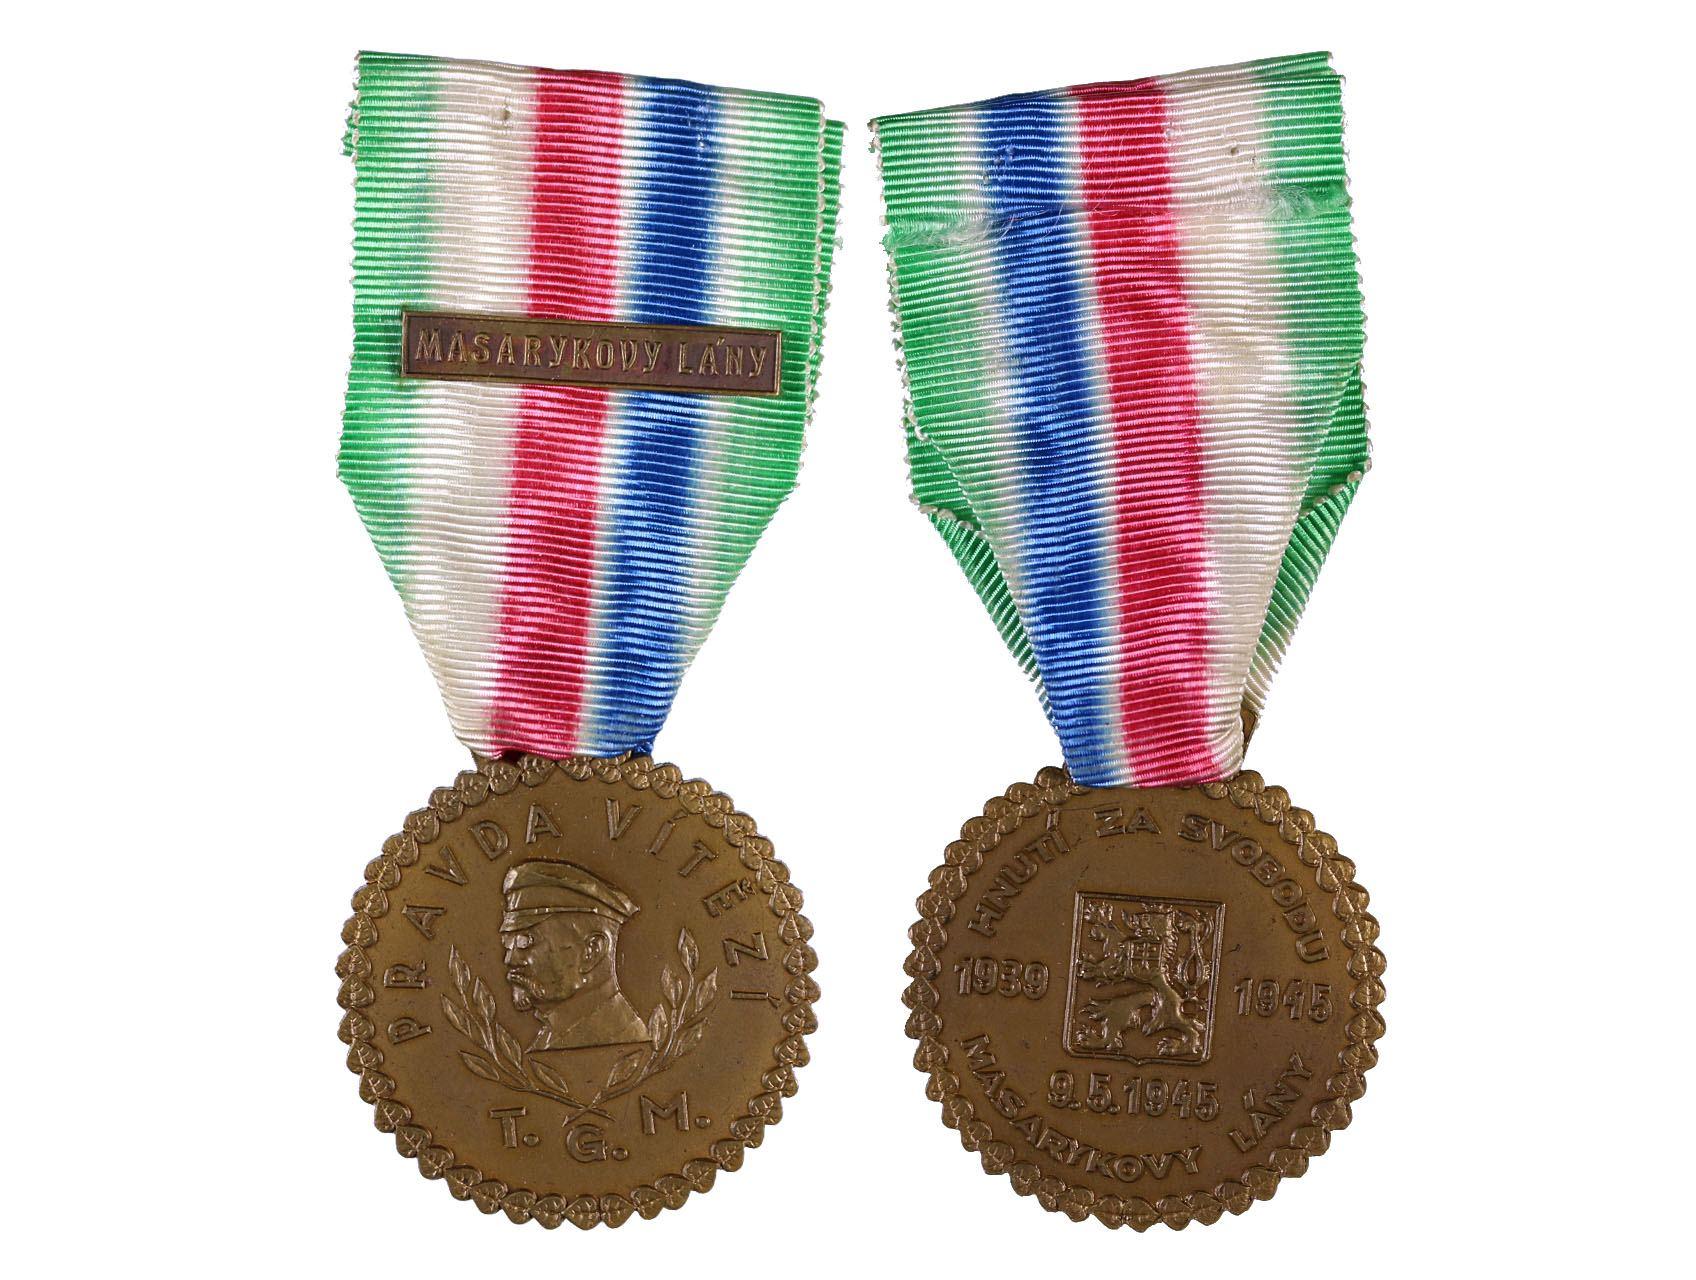 Pamětní medaile odbojové skupiny - Masarykovy Lány, VM 192a